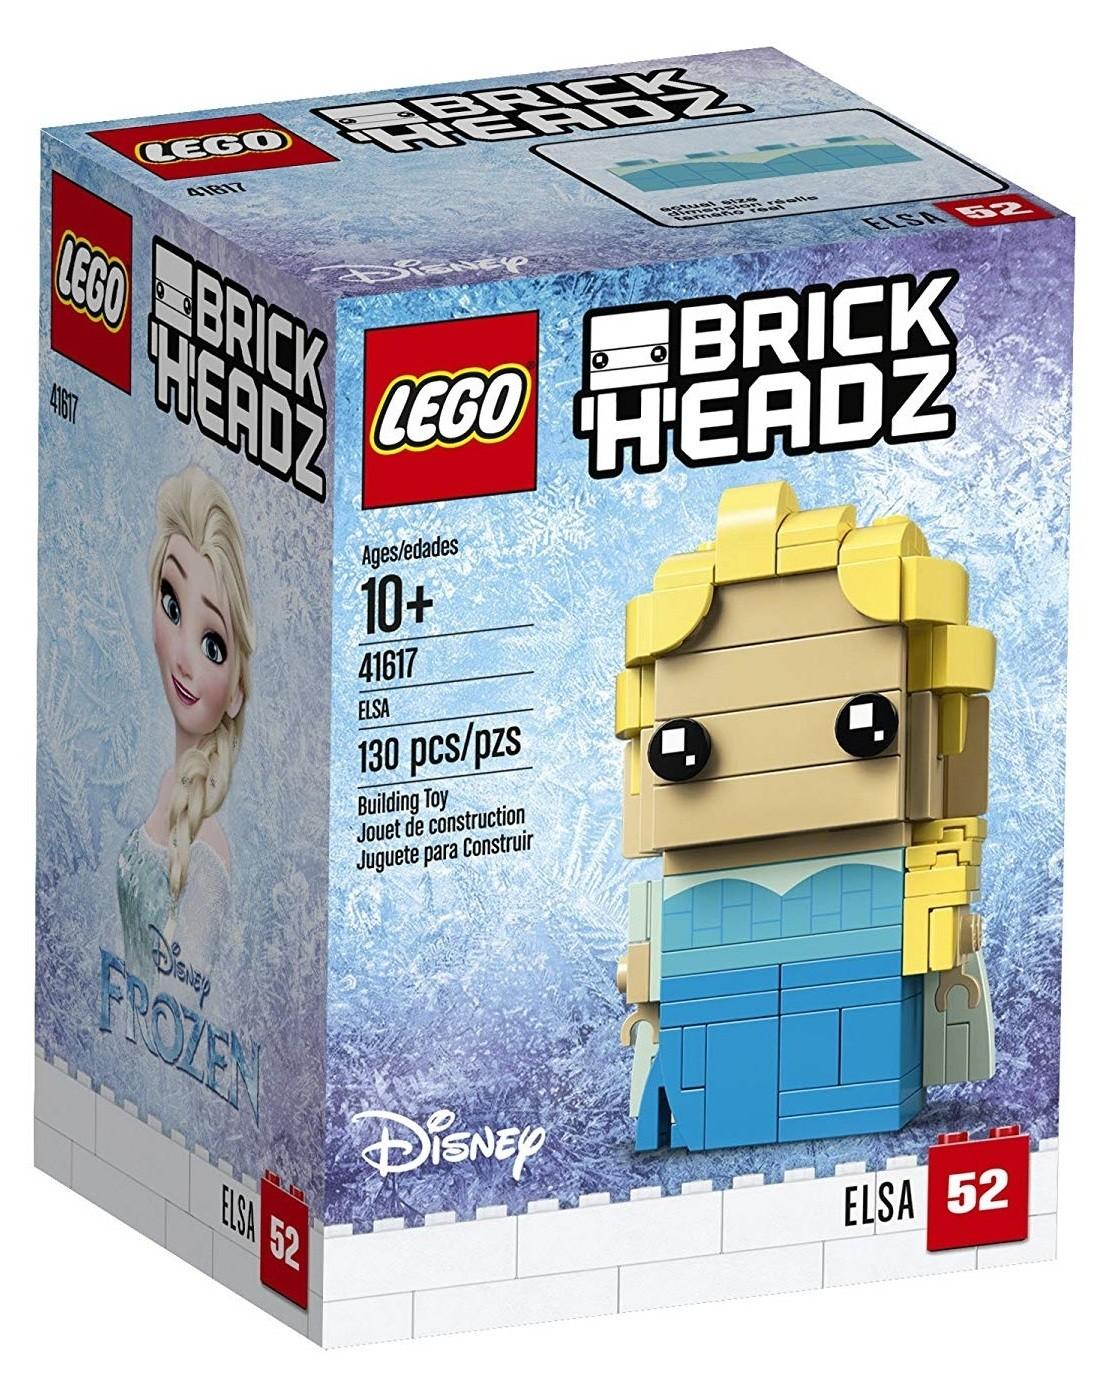 Brickheadz Lego ElsaA Brickheadz Girl Mighty Lego 54L3jAqR